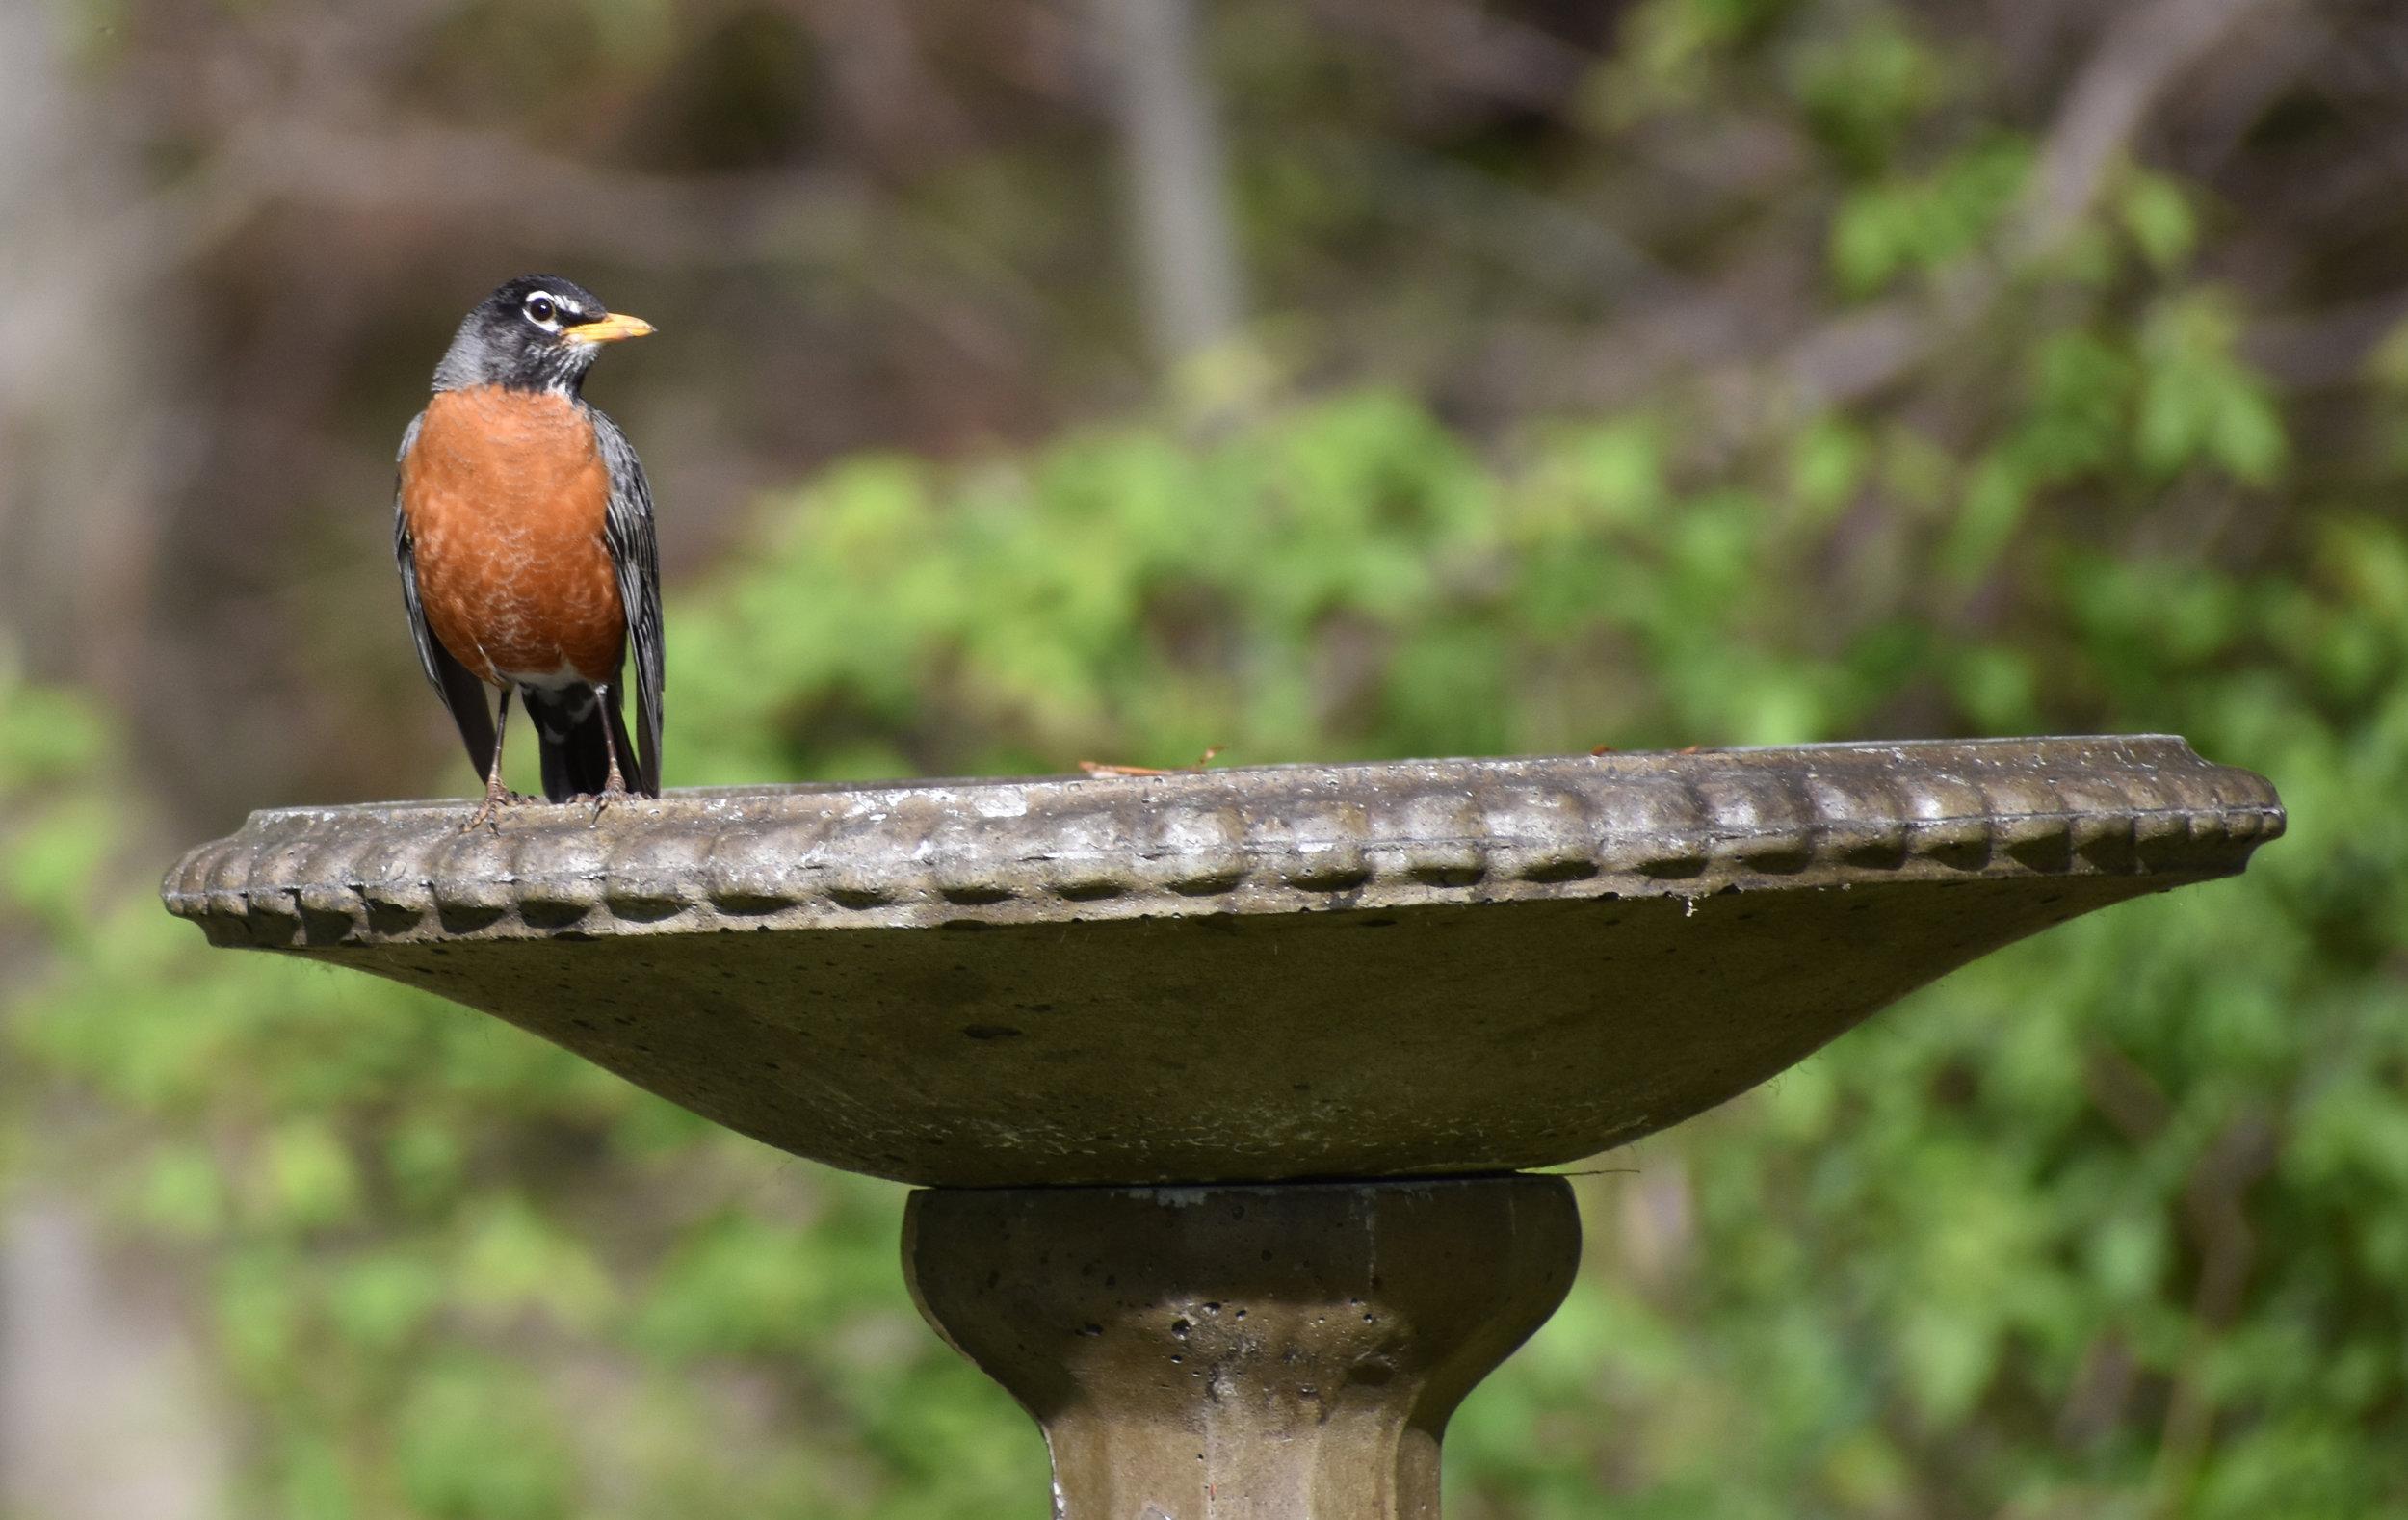 American Robin on Birdbath